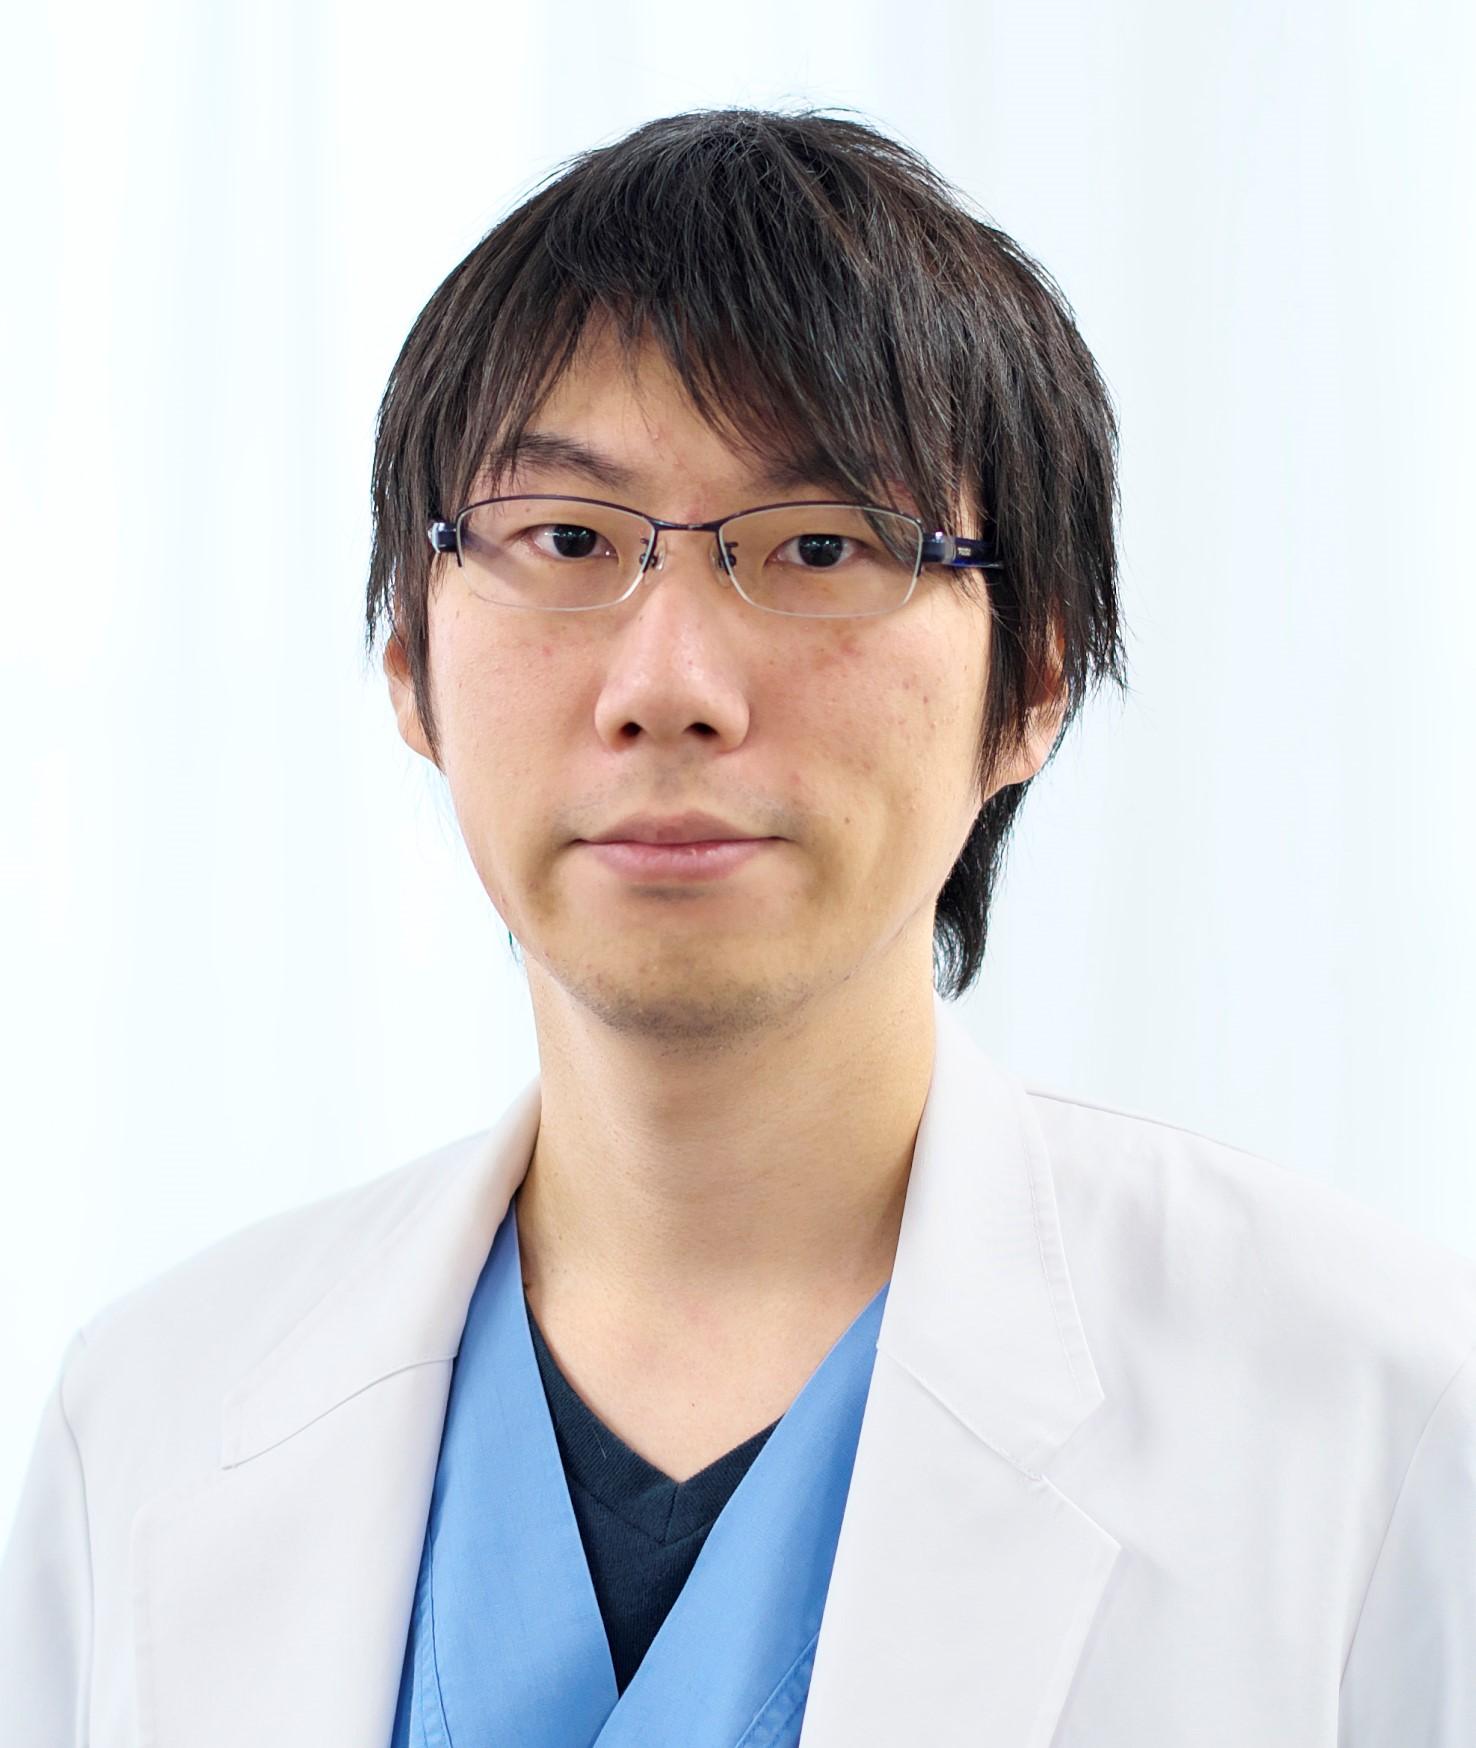 黒田循環器Dr.jpg